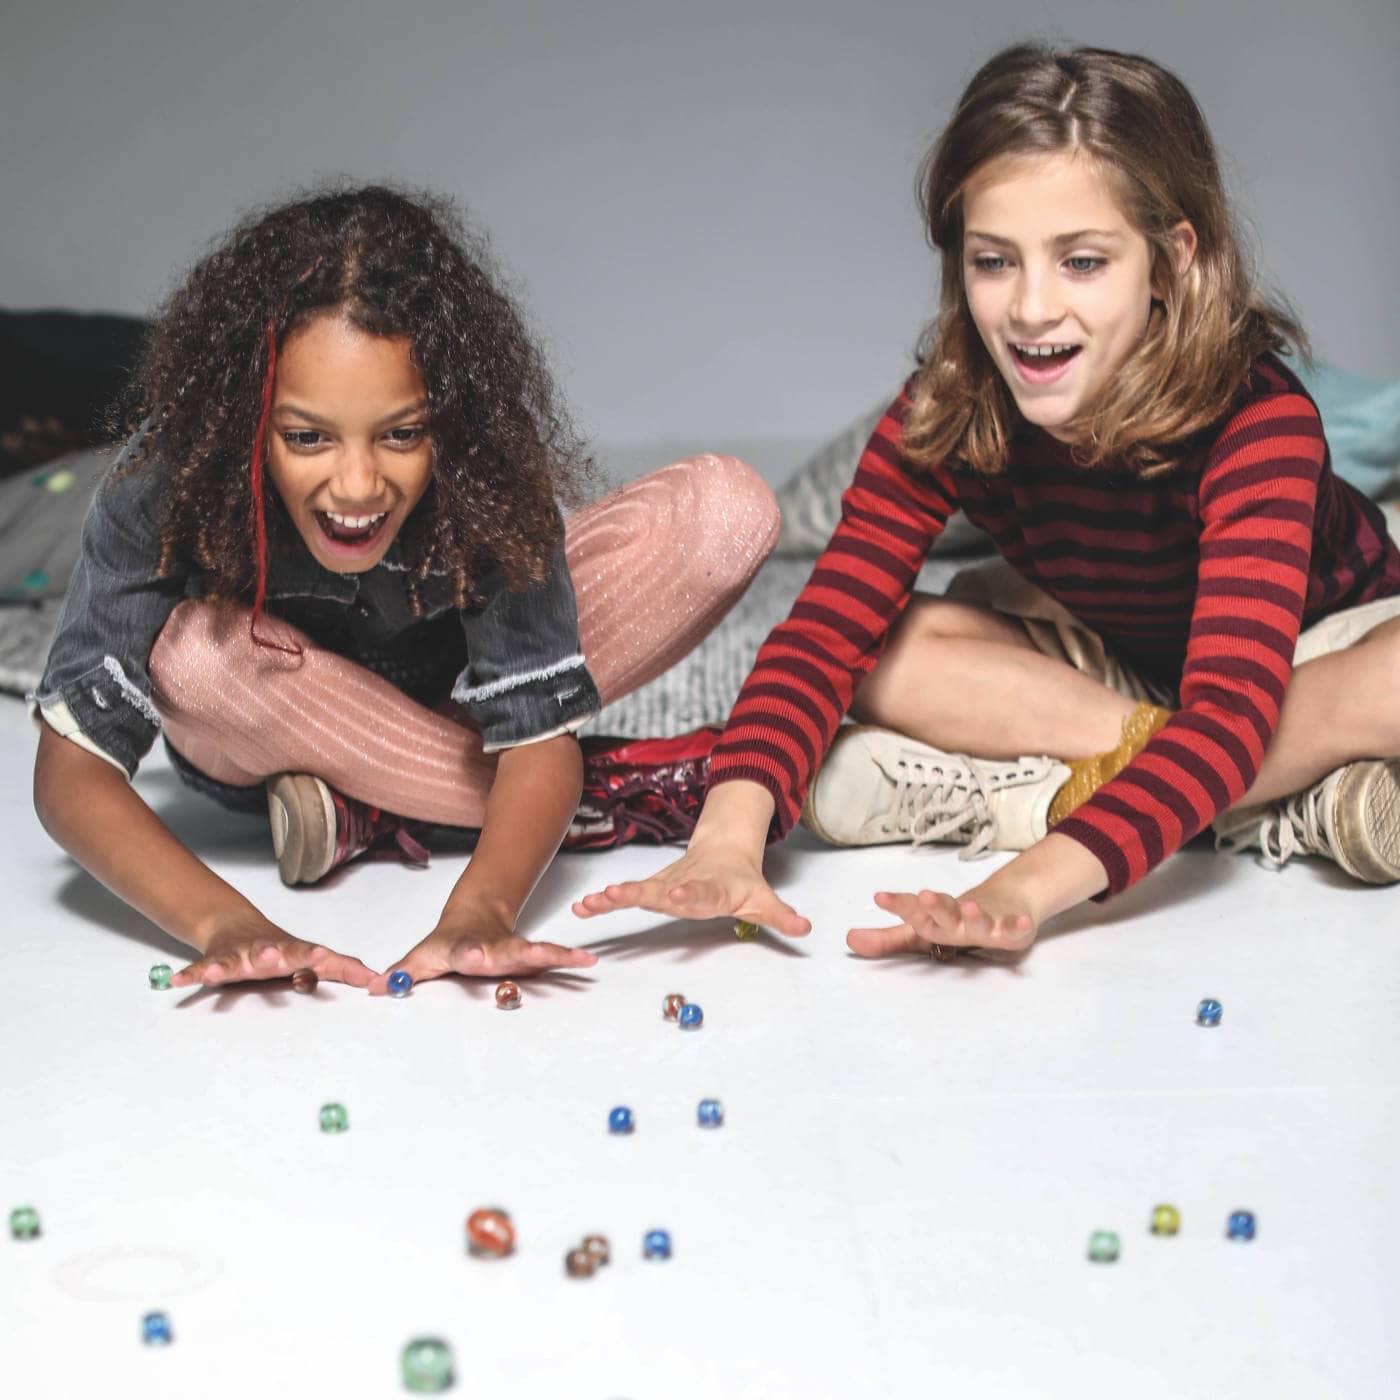 Gute Spielsachen für Kinder – Kinderspieleklassiker: Murmeln // HIMBEER